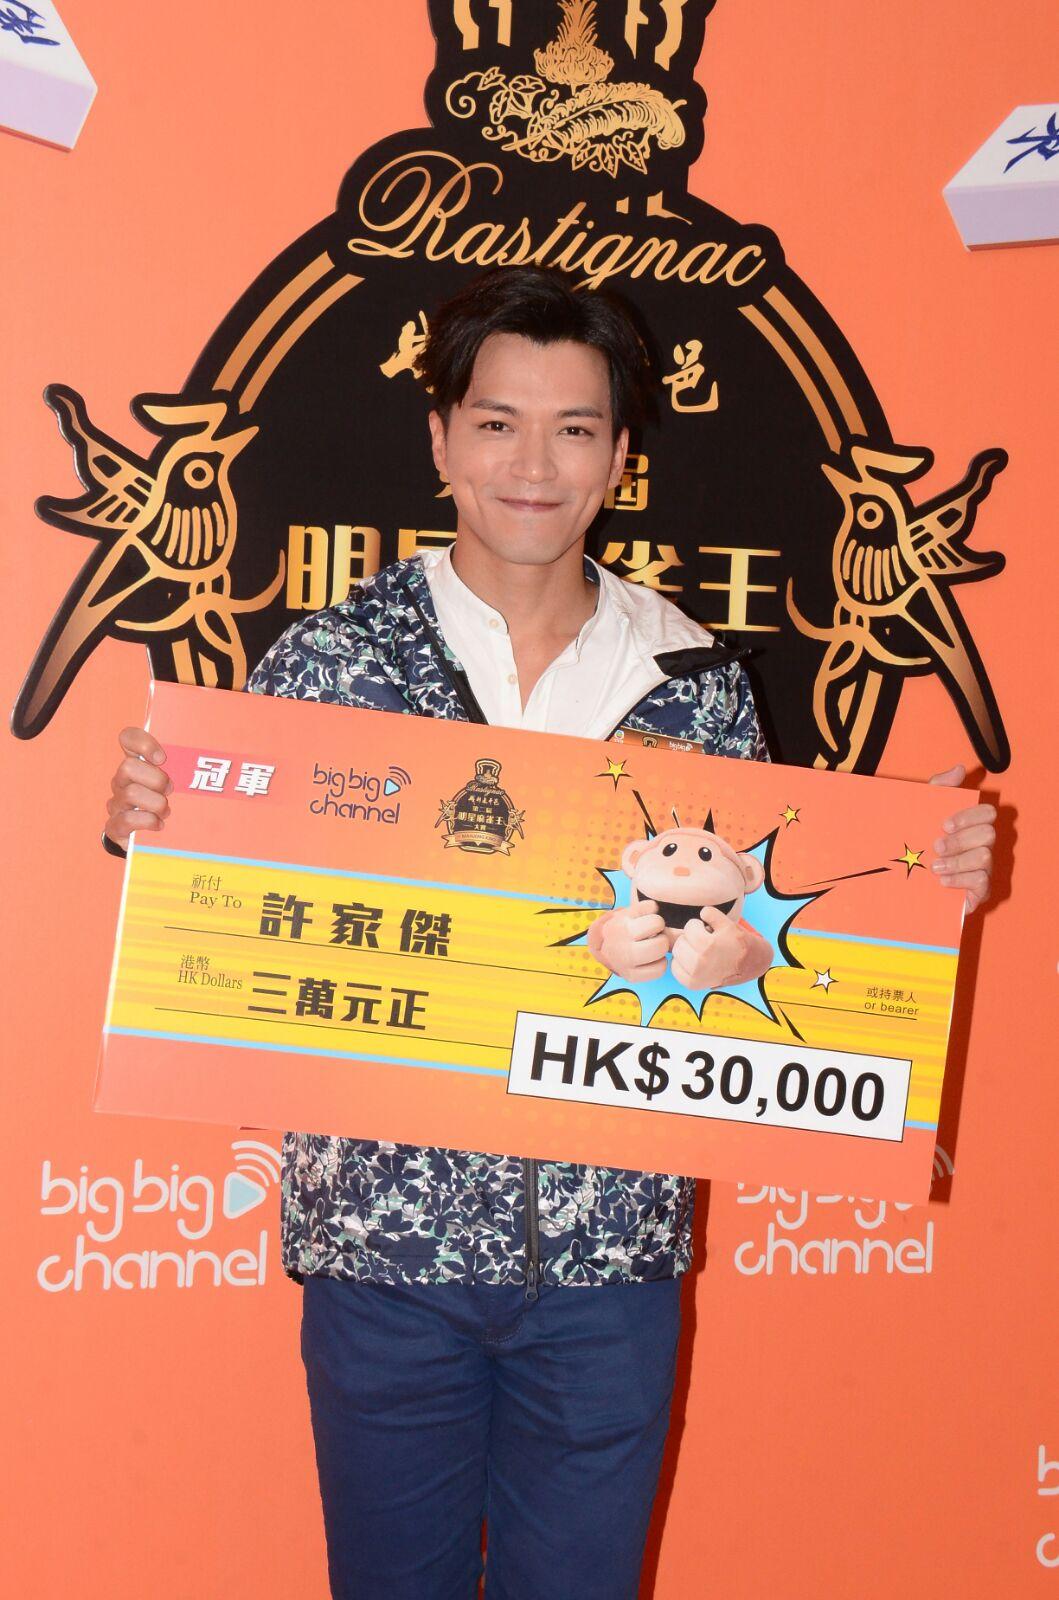 許家傑贏得3萬元獎金,宴請台前幕後打邊爐慶功。